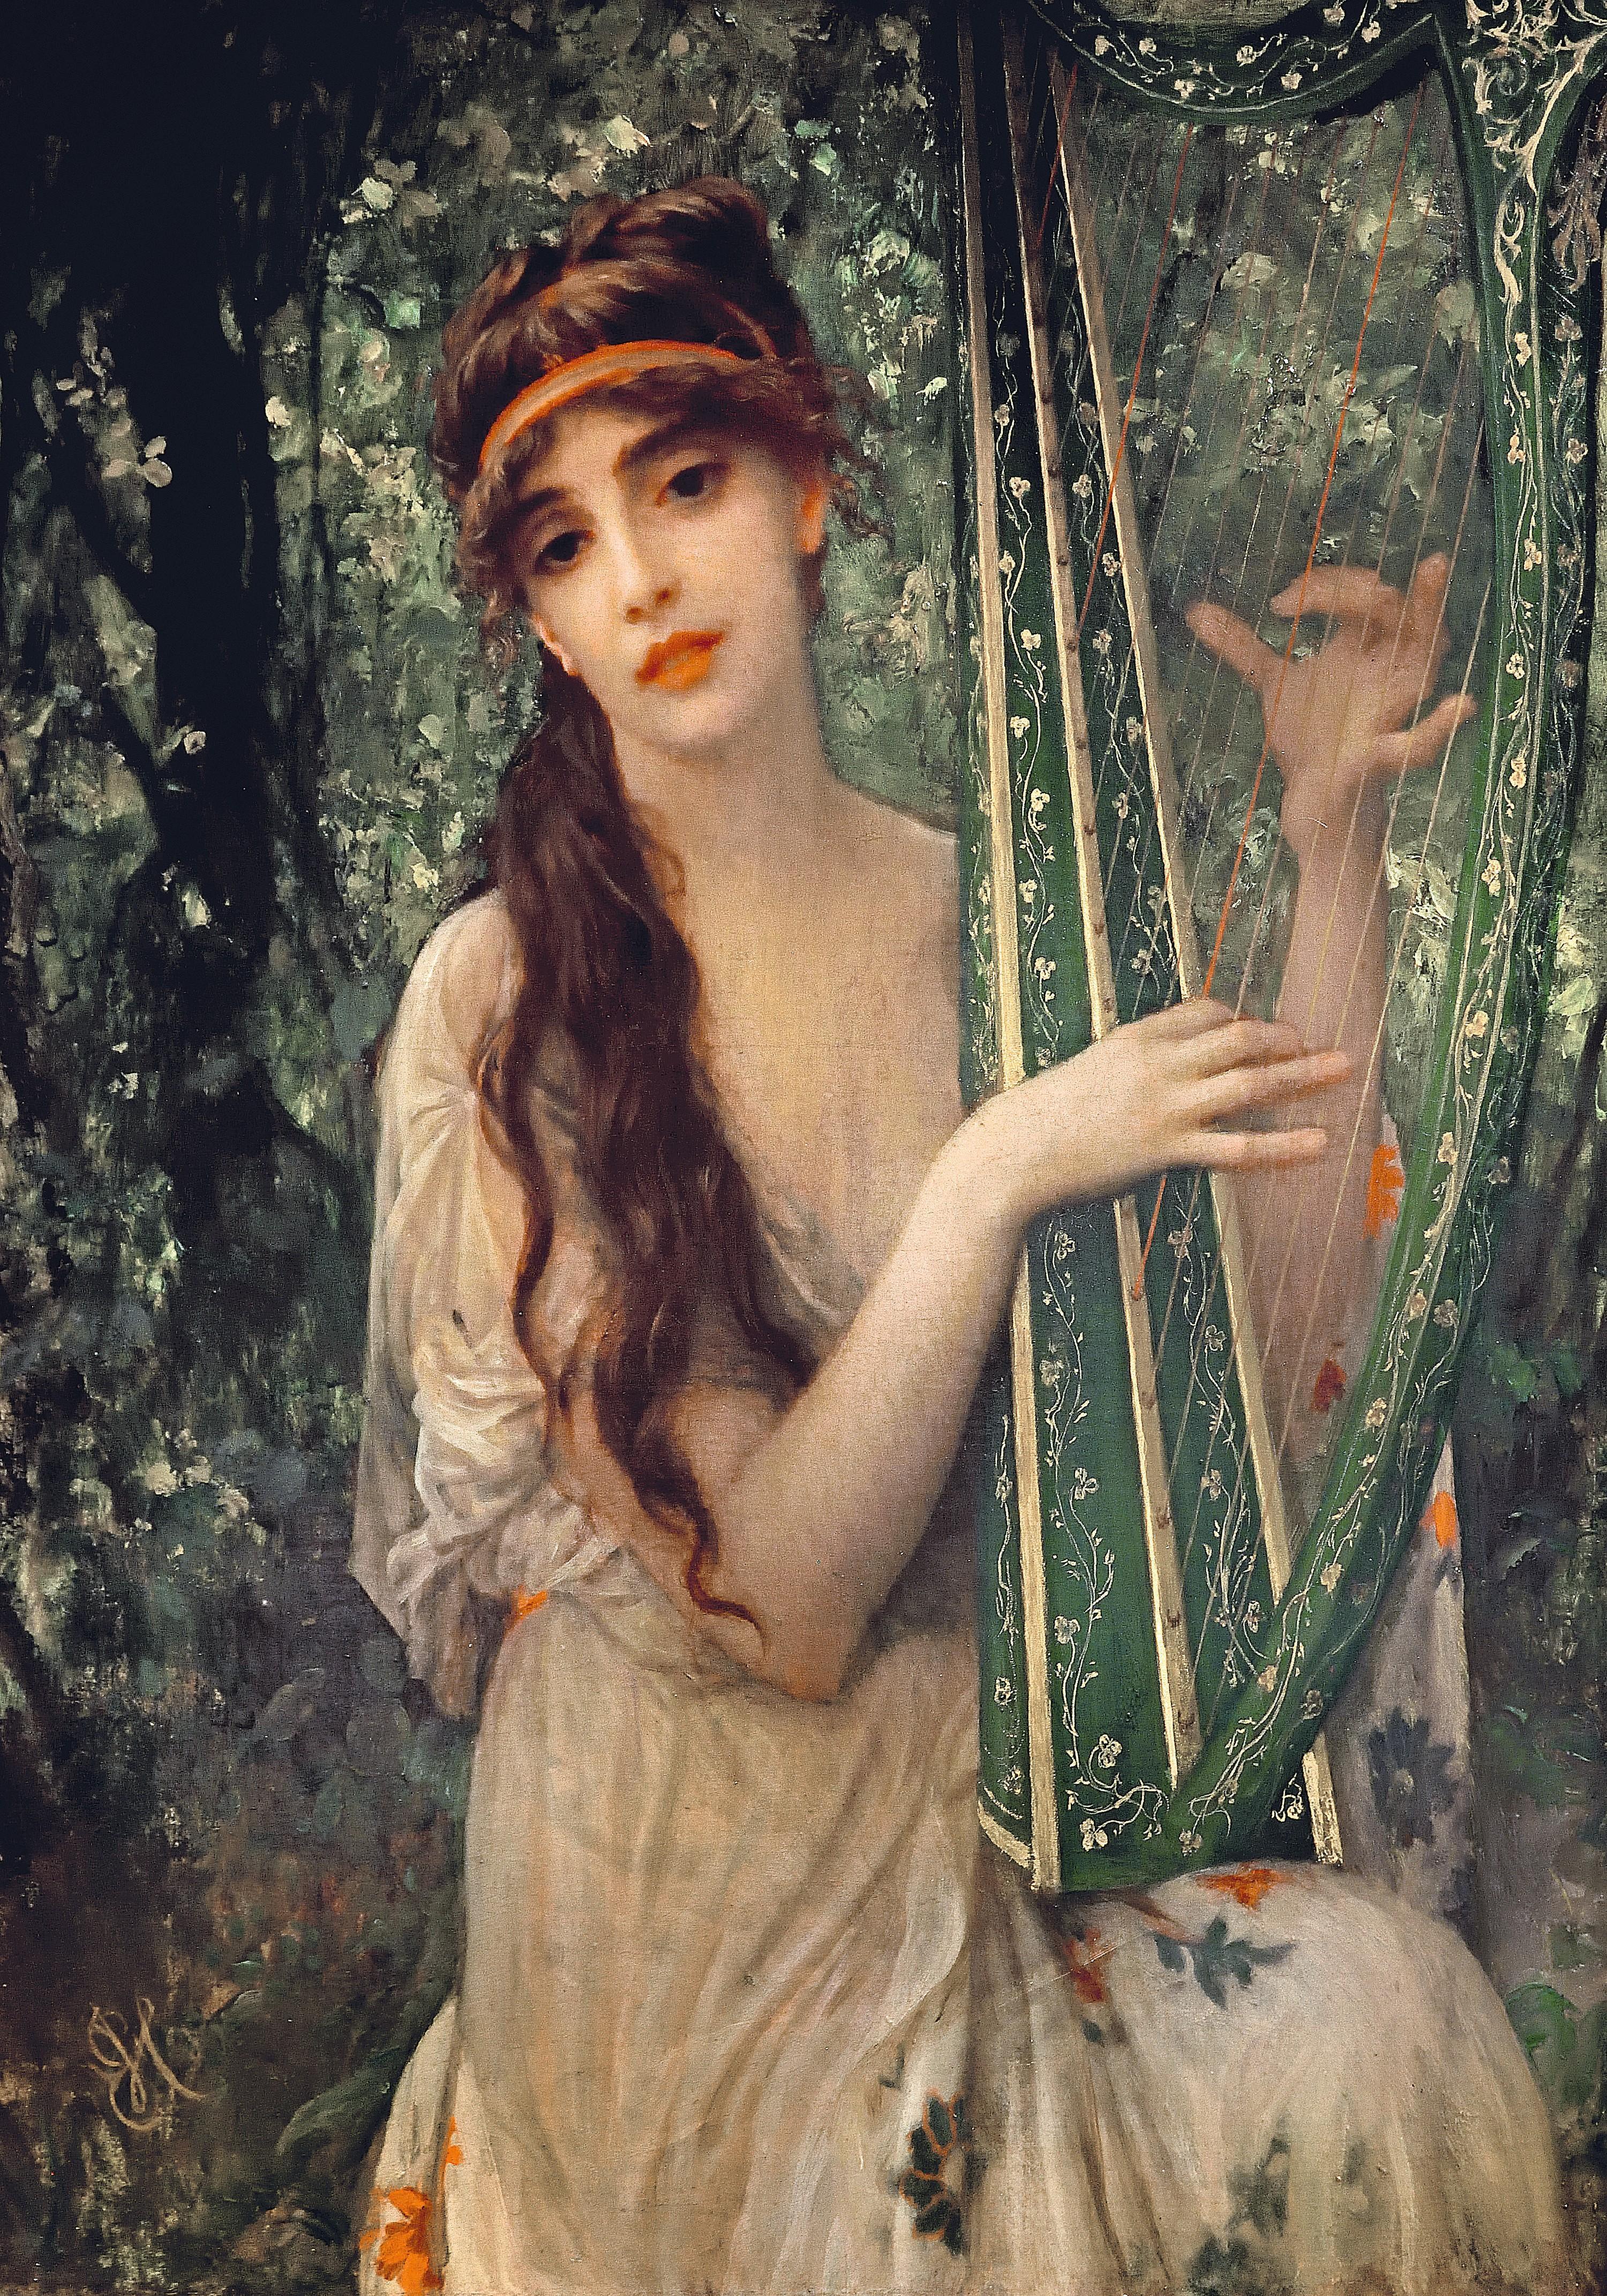 La Musique (1890), œuvre d'Ernest Hébert, peintre français